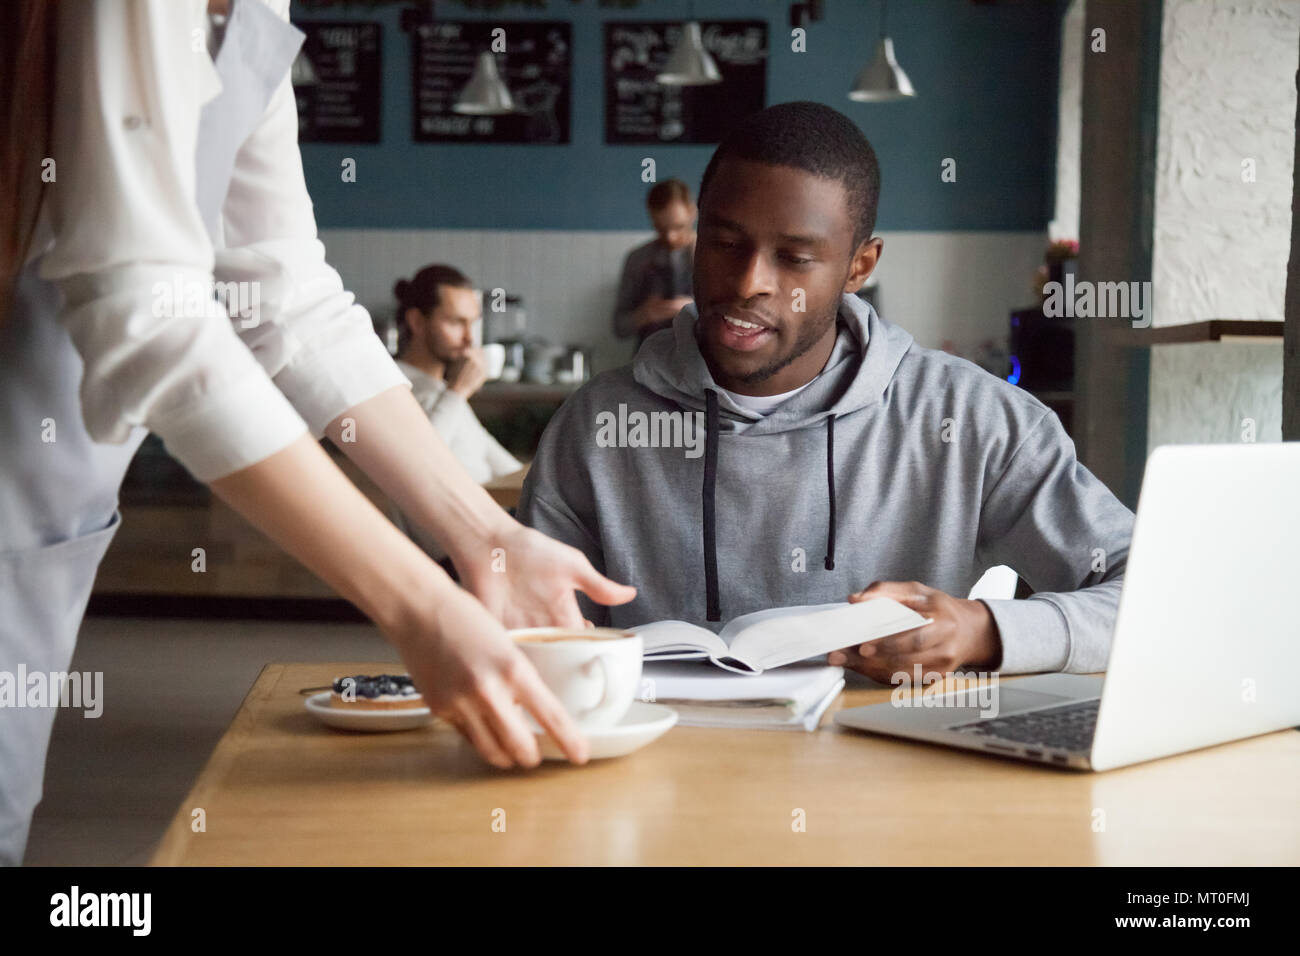 La camarera sirve café al hombre afroamericano sonriente cliente Imagen De Stock